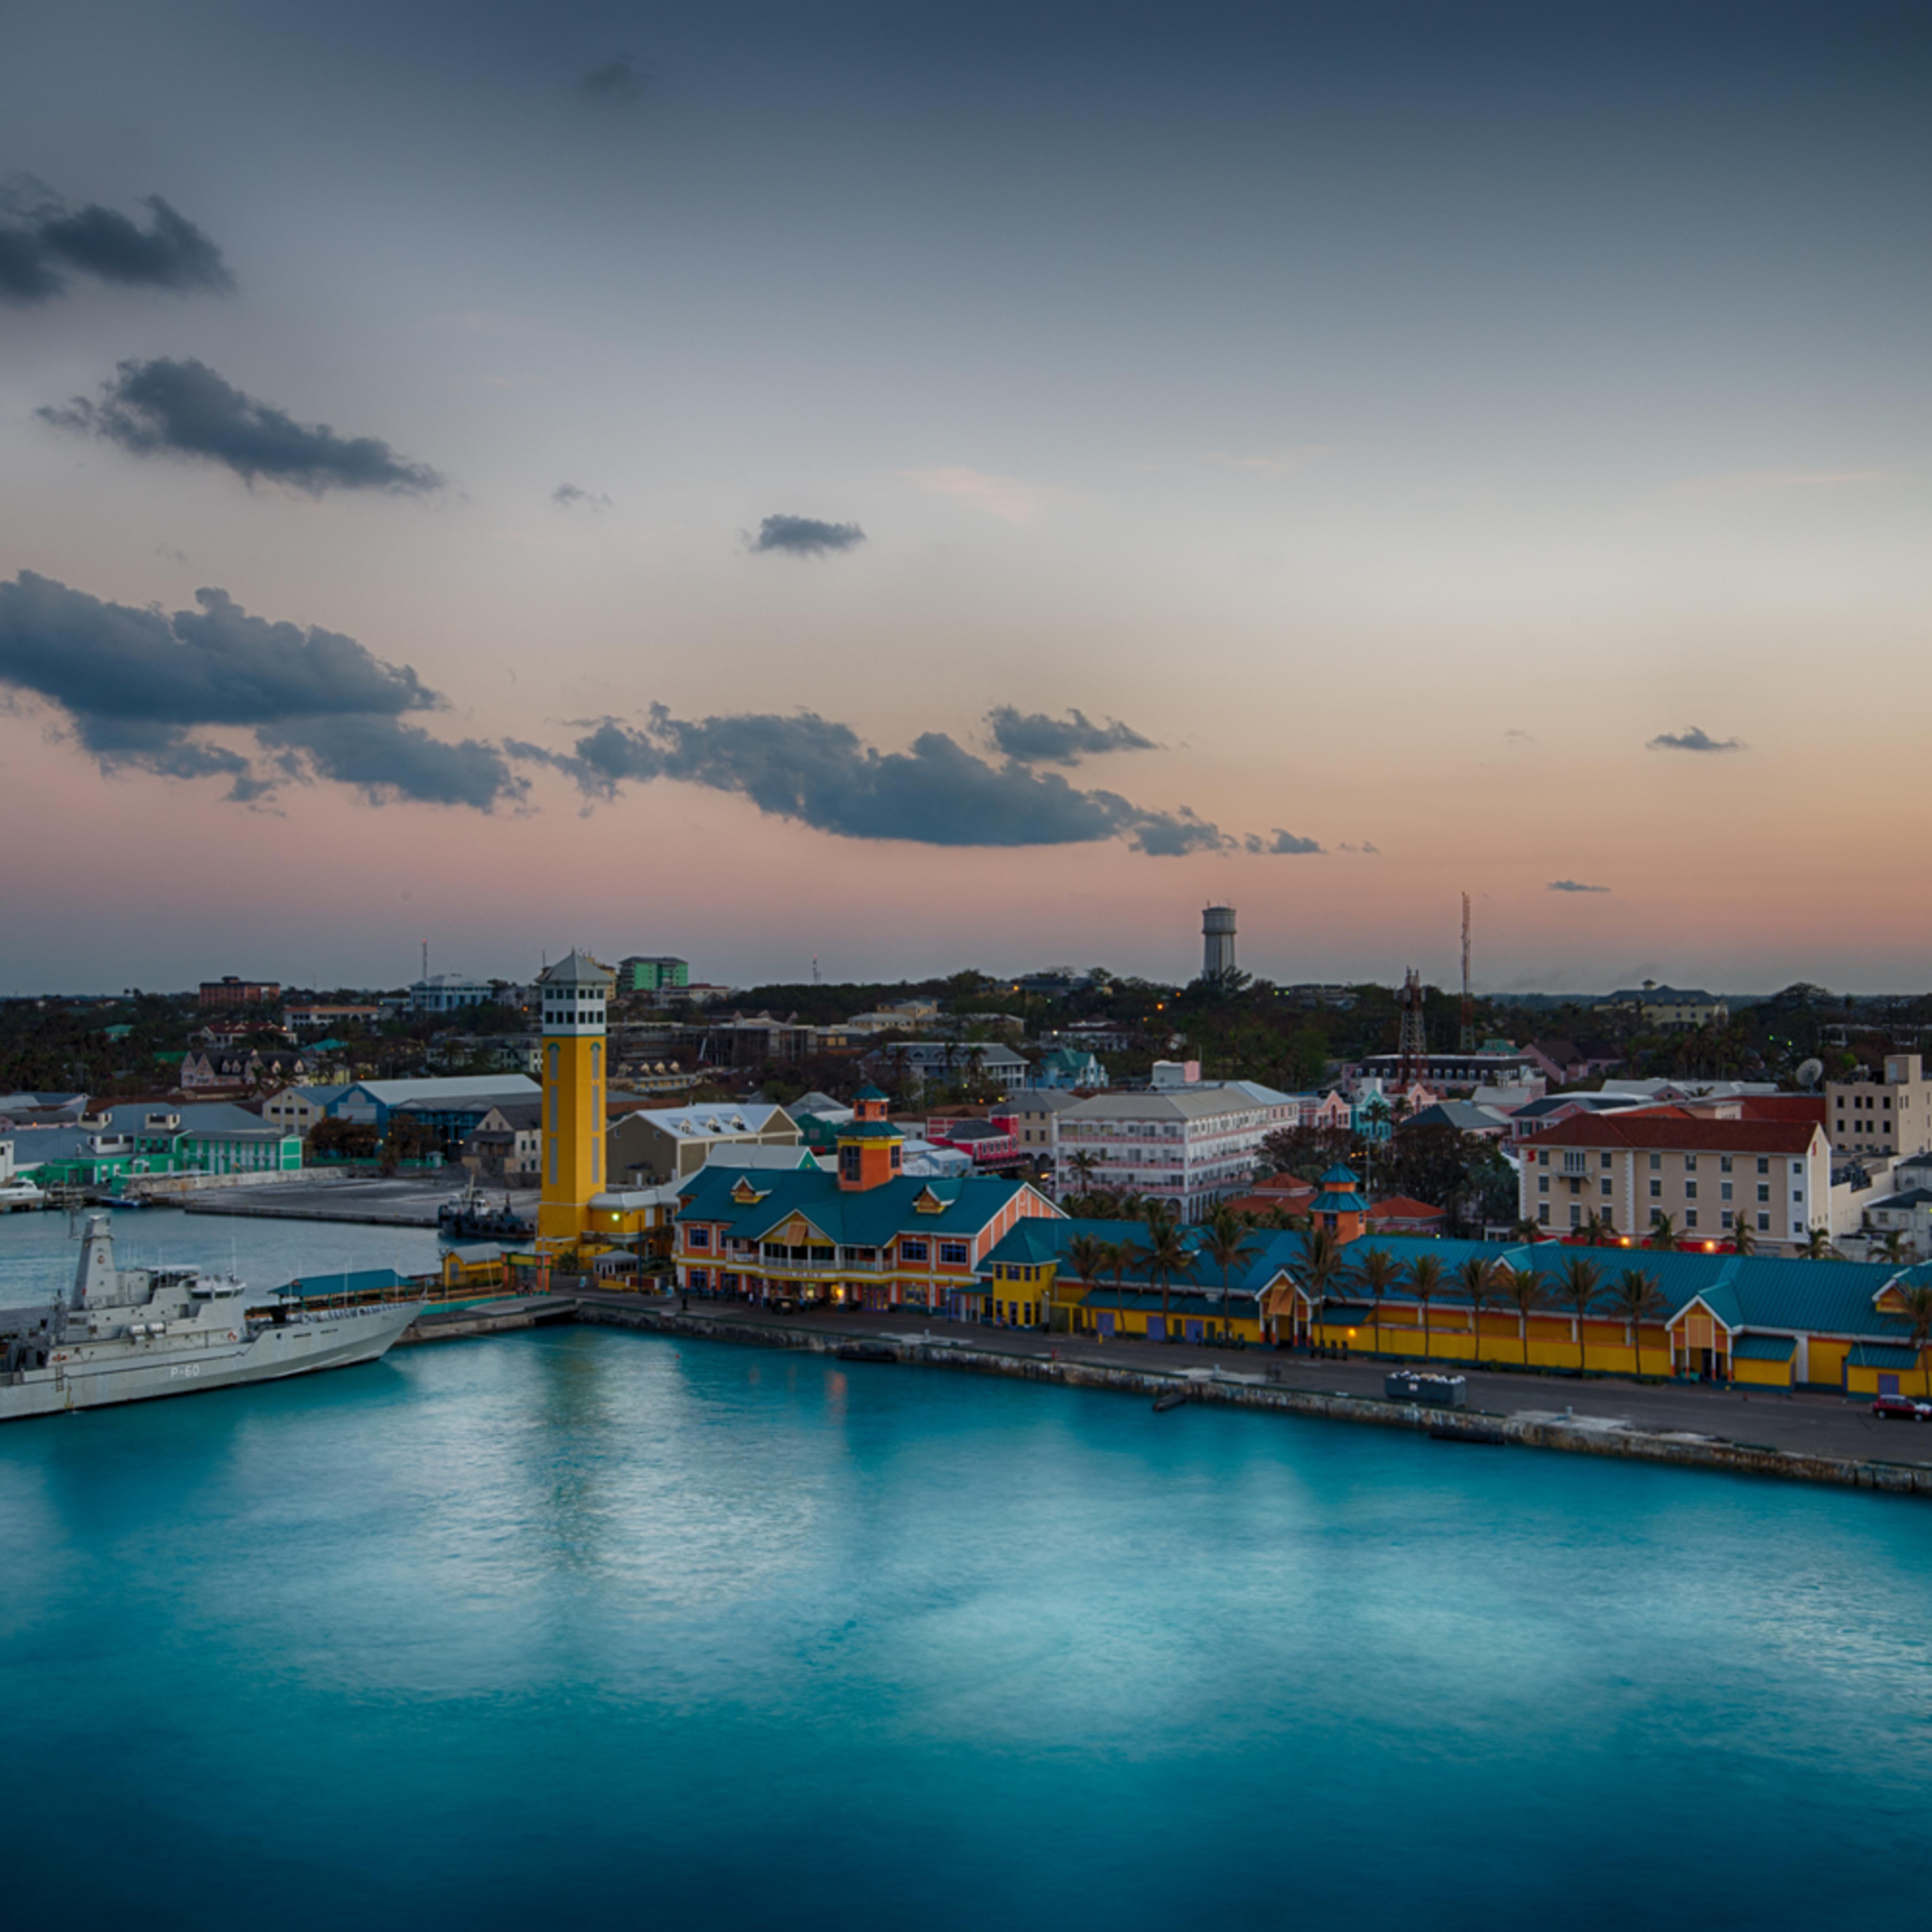 2012 11 bahama cruise 430 hdr qoymlr